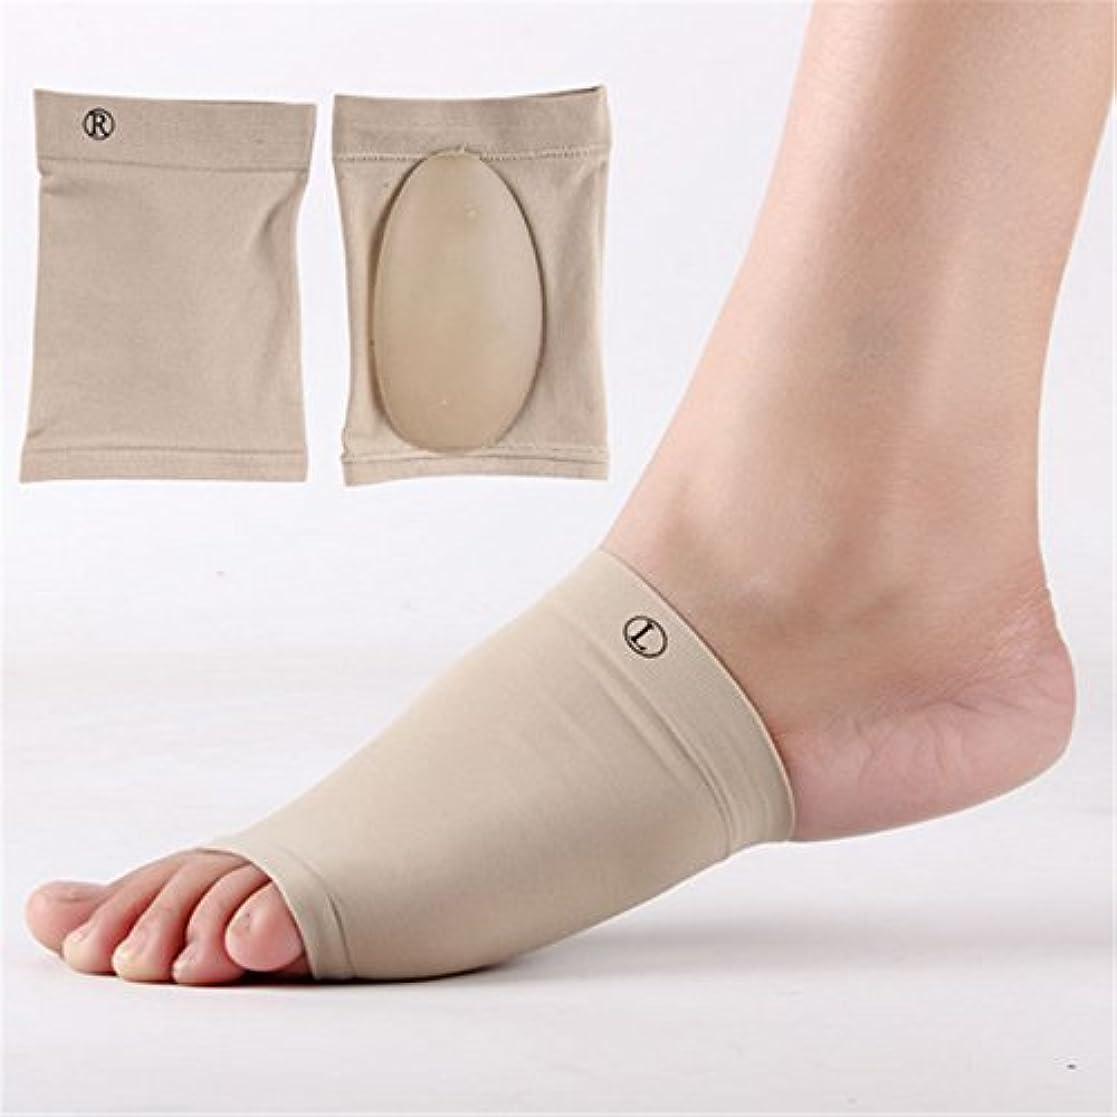 複合クリーナー報告書Lorny(TM)1Pairジェル足底筋膜炎アーチサポートスリーブアーチソックスかかとクッションフラット足の整形外科靴パッドフットケア [並行輸入品]